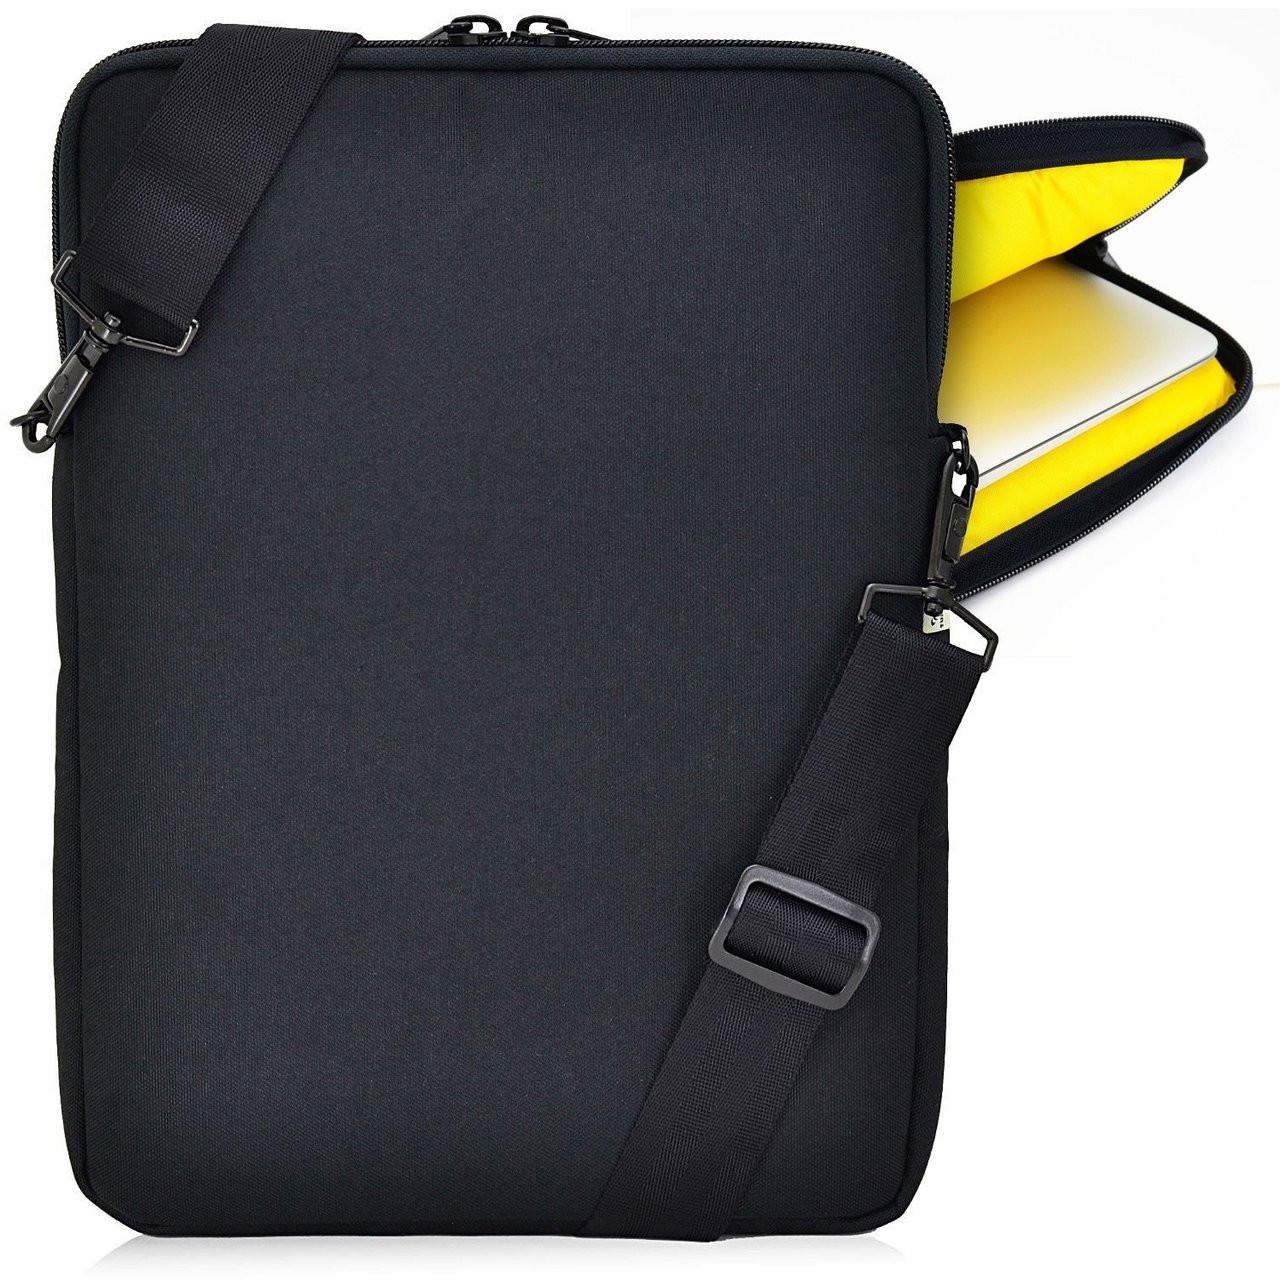 Essential Gear Vertical Padded Sleeve Slip Case